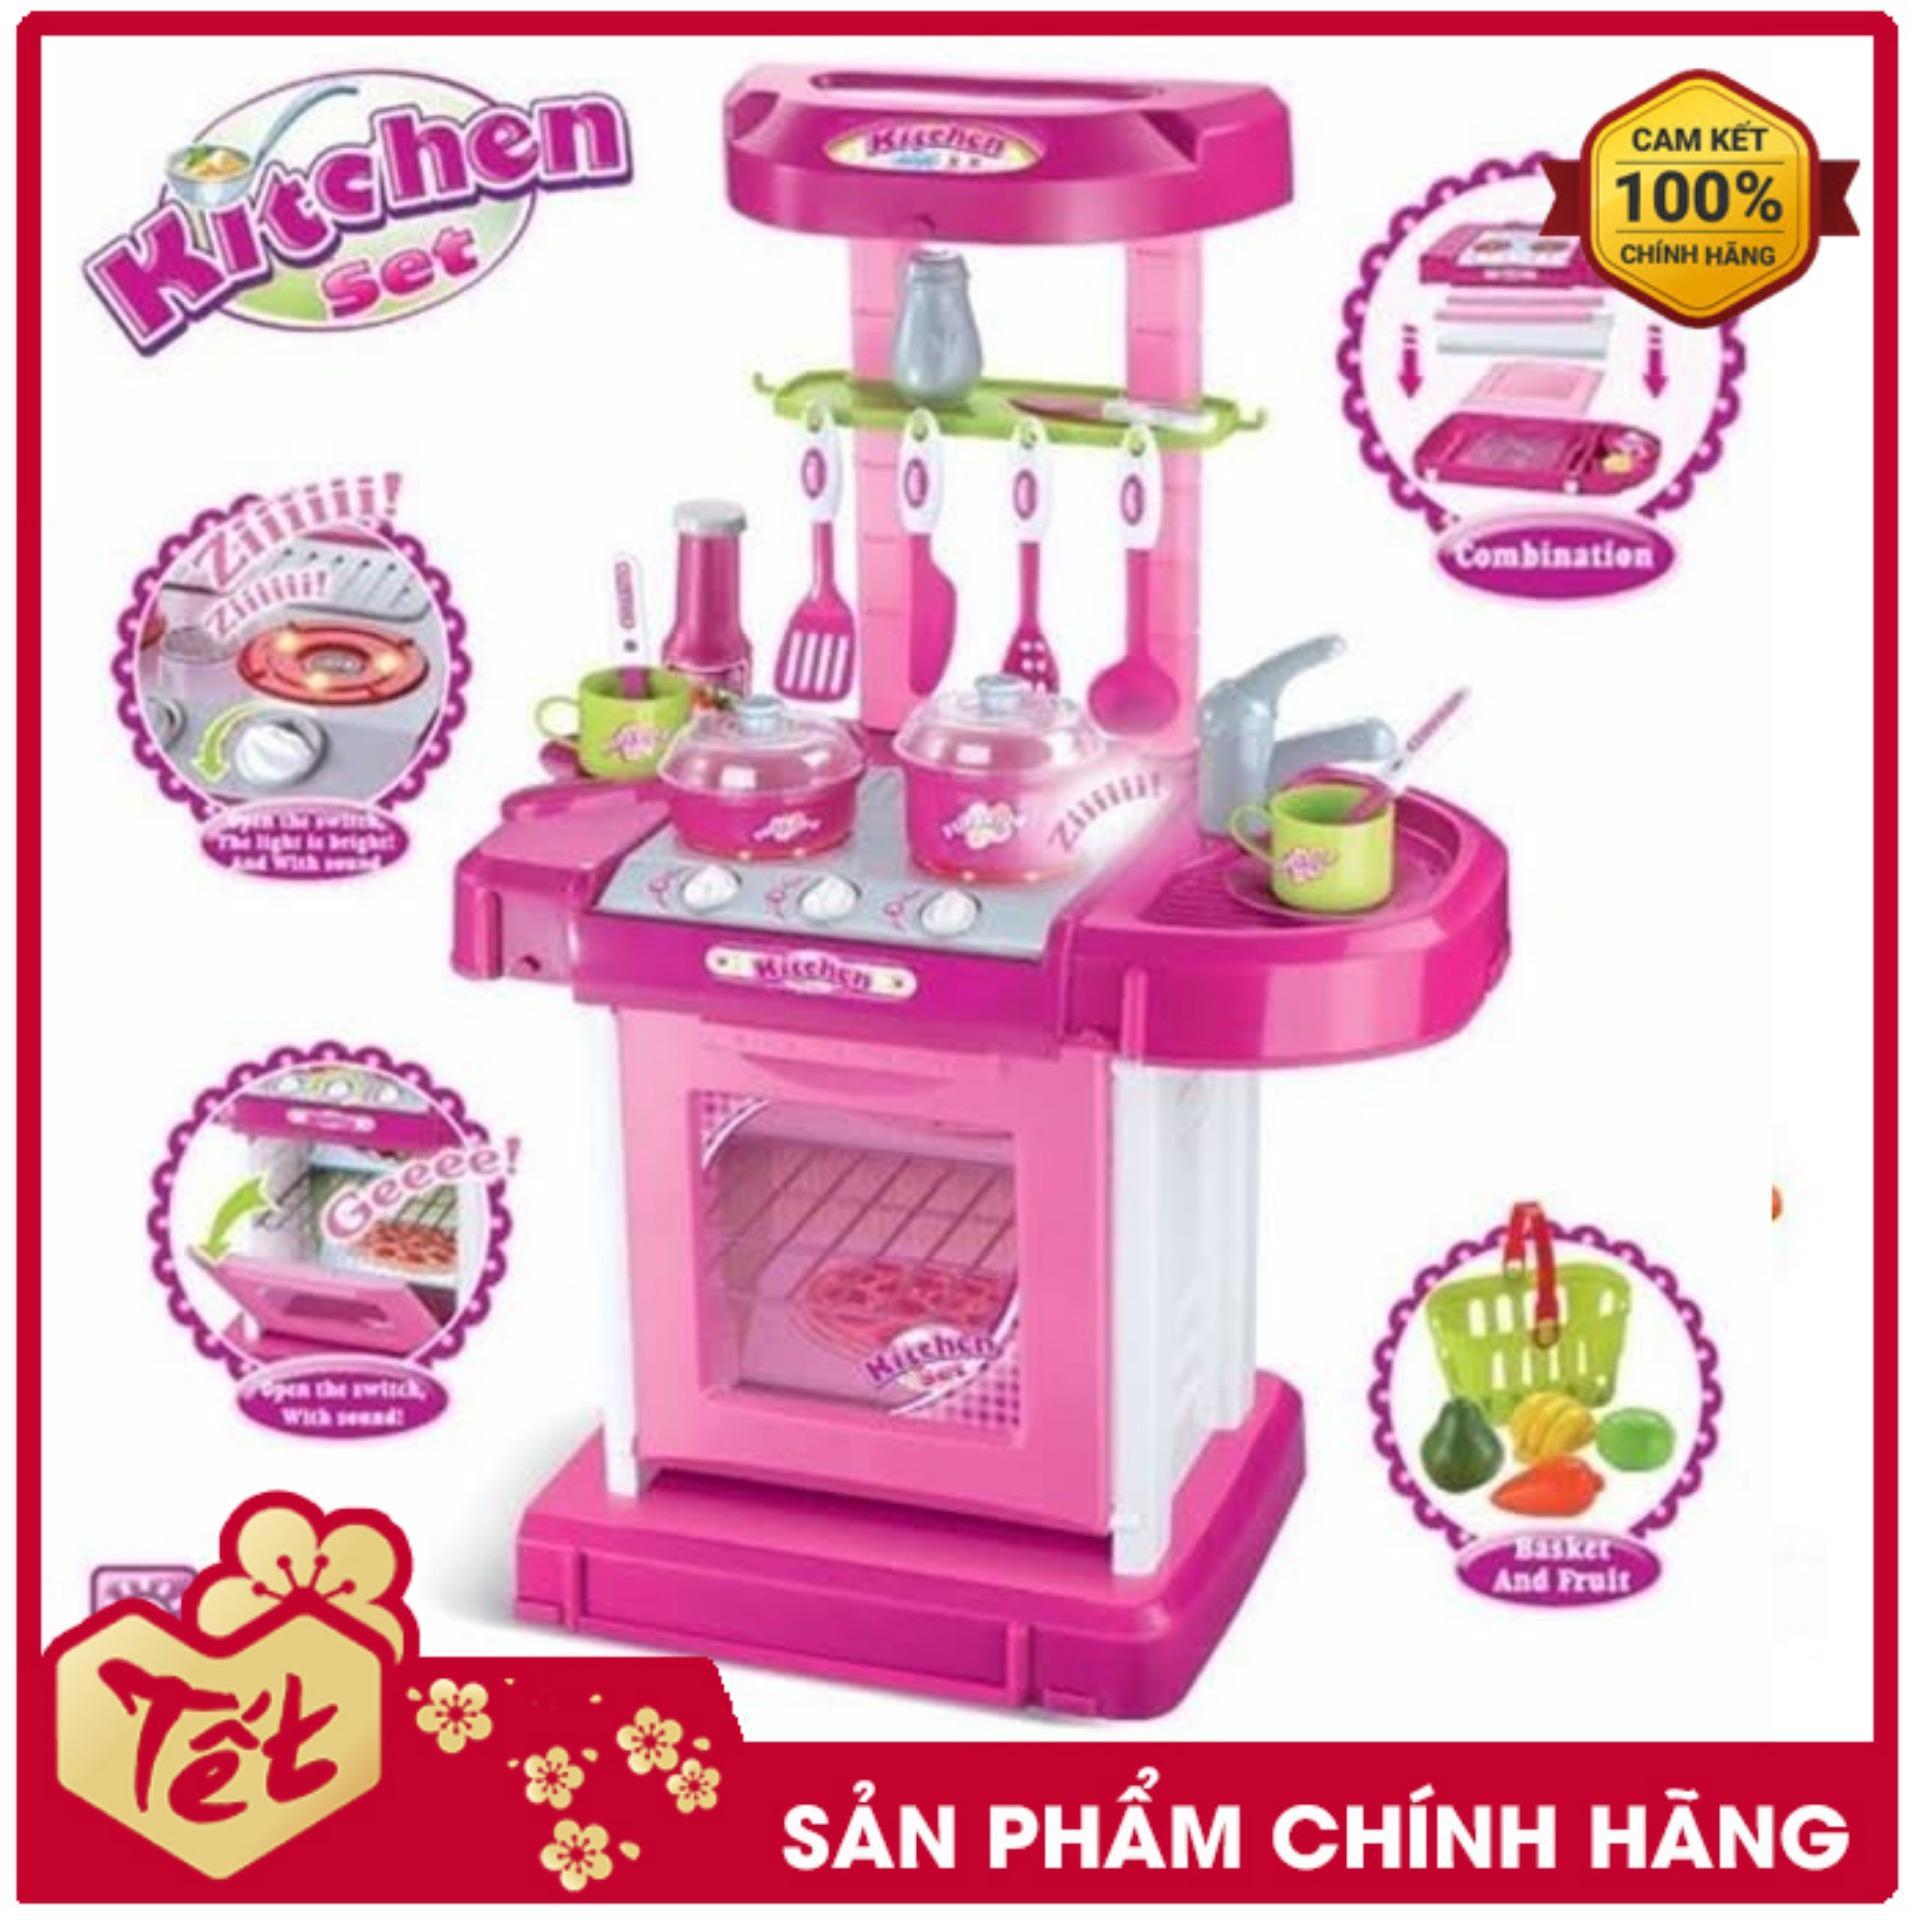 Đồ chơi nấu bếp cho bé gái BBT Global 008-56